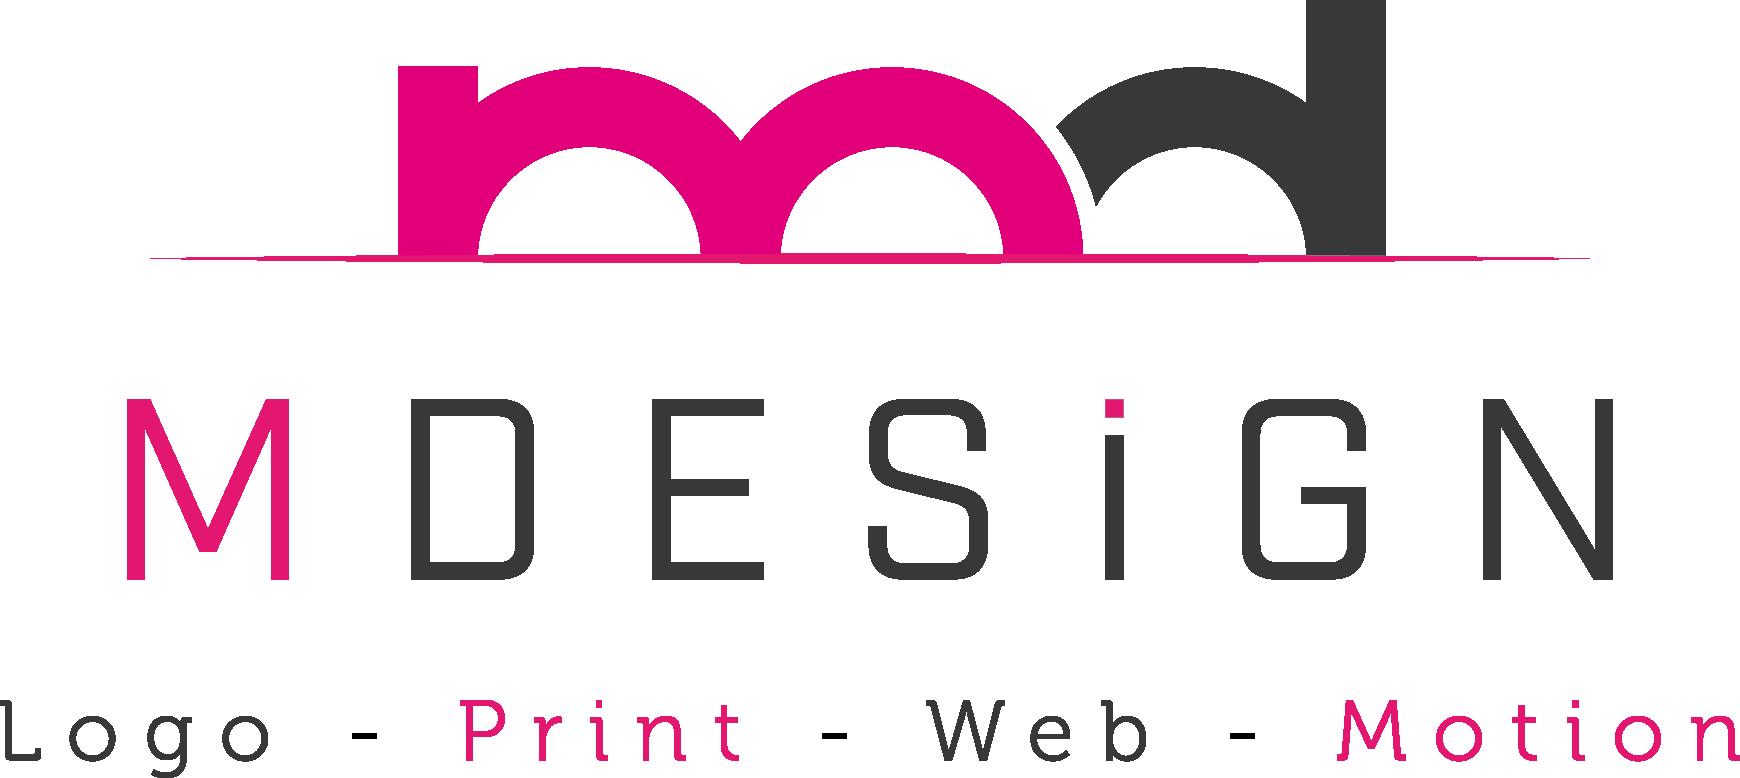 graphiste mdesign logo print web motion design. Black Bedroom Furniture Sets. Home Design Ideas